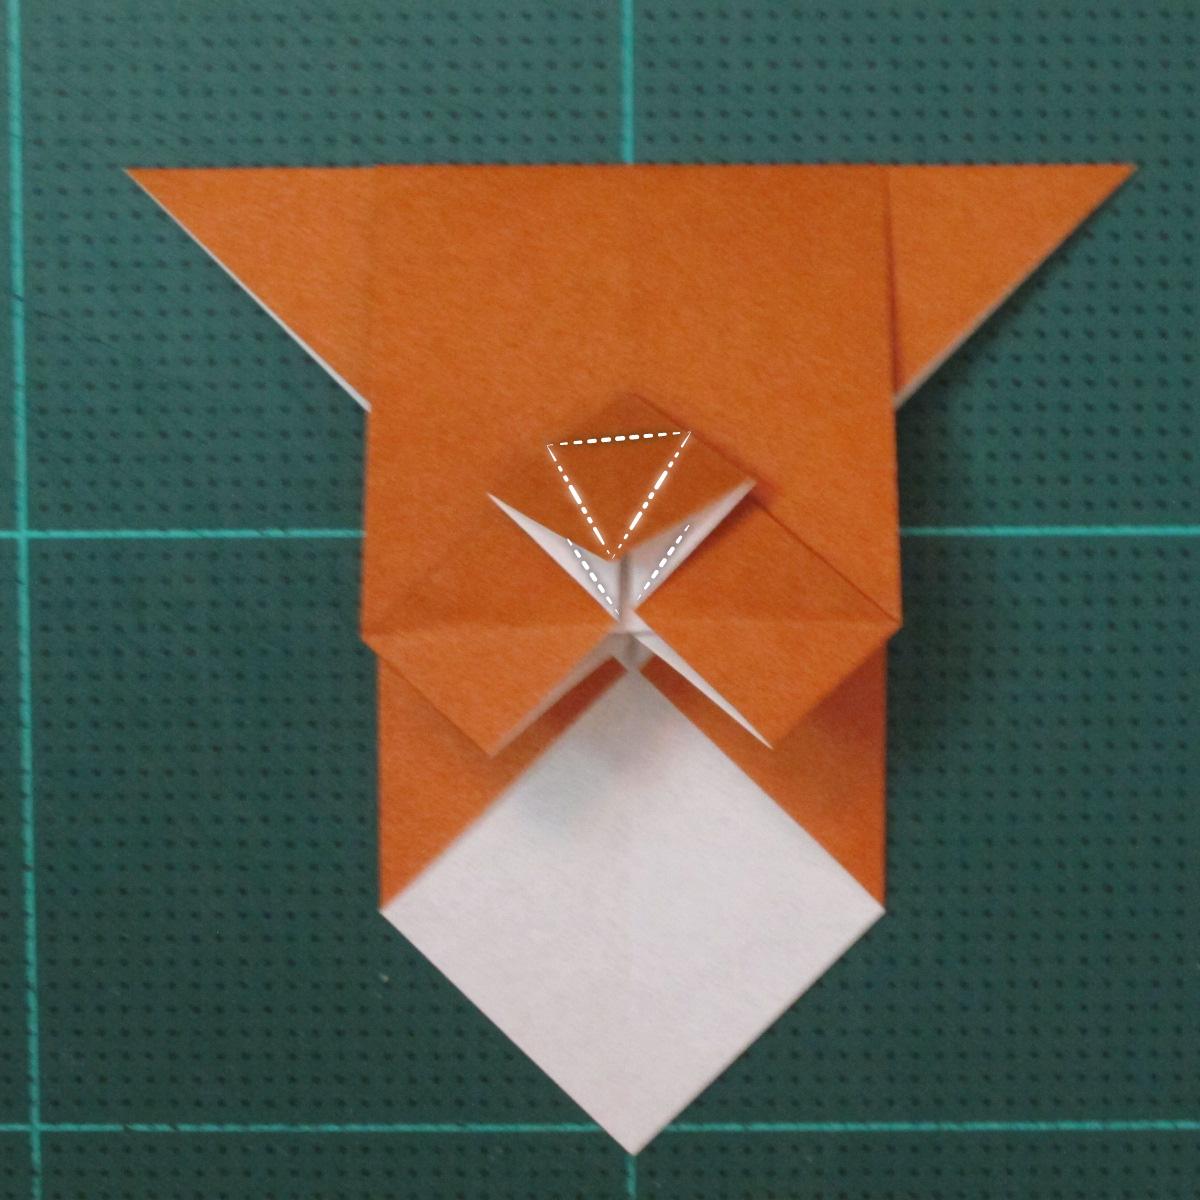 วิธีพับกระดาษเป็นที่คั่นหนังสือรูปหมาบูลด็อก (Origami Bulldog Bookmark) 011